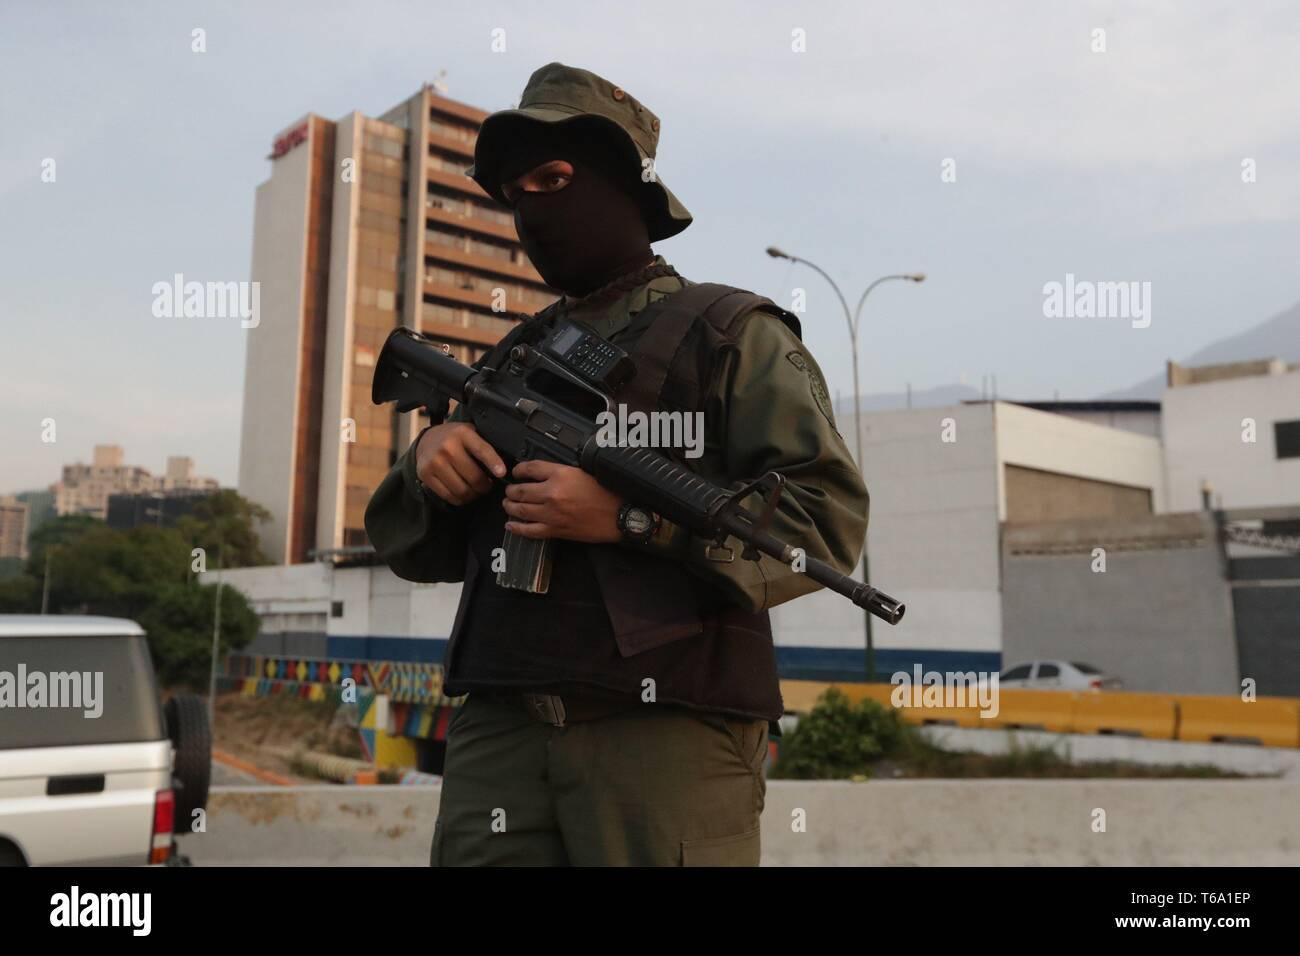 Caracas, Venezuela. 30 apr, 2019. Soldato venezuelano guardia a La Carlota army base, dove oppositore venezuelano Leopoldo Lopez (C) è stato portato a soddisfare con il presidente ad interim Juan Guaido dopo egli essendo rilasciato dalla sua casa, nell'Est di Caracas, Venezuela, 30 aprile 2019. Lopez, che era agli arresti domiciliari, è stata rilasciata la mattina presto il 30 aprile da un movimento di opposizione. Credito: Rayneri Pena/EFE/Alamy Live News Immagini Stock